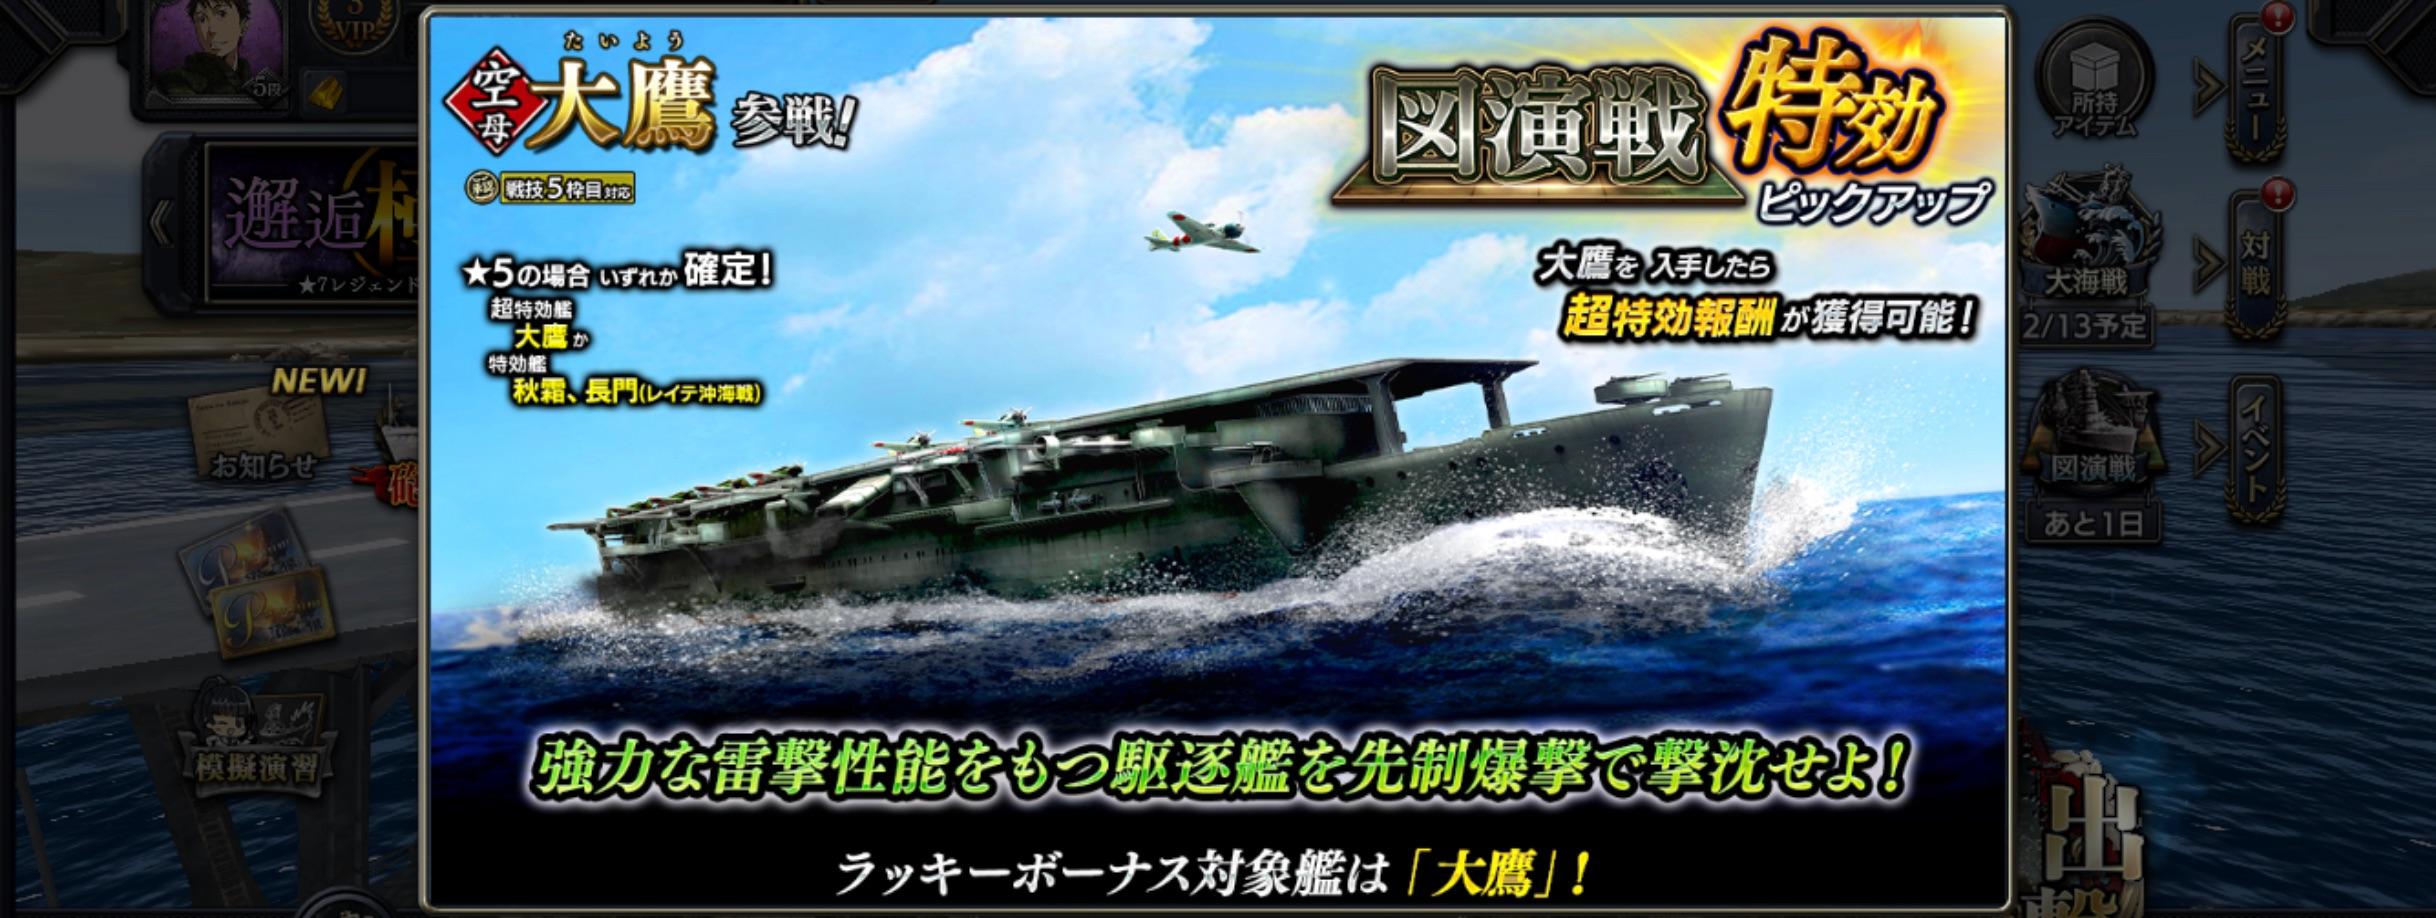 aircraft-carrier:Taiyo